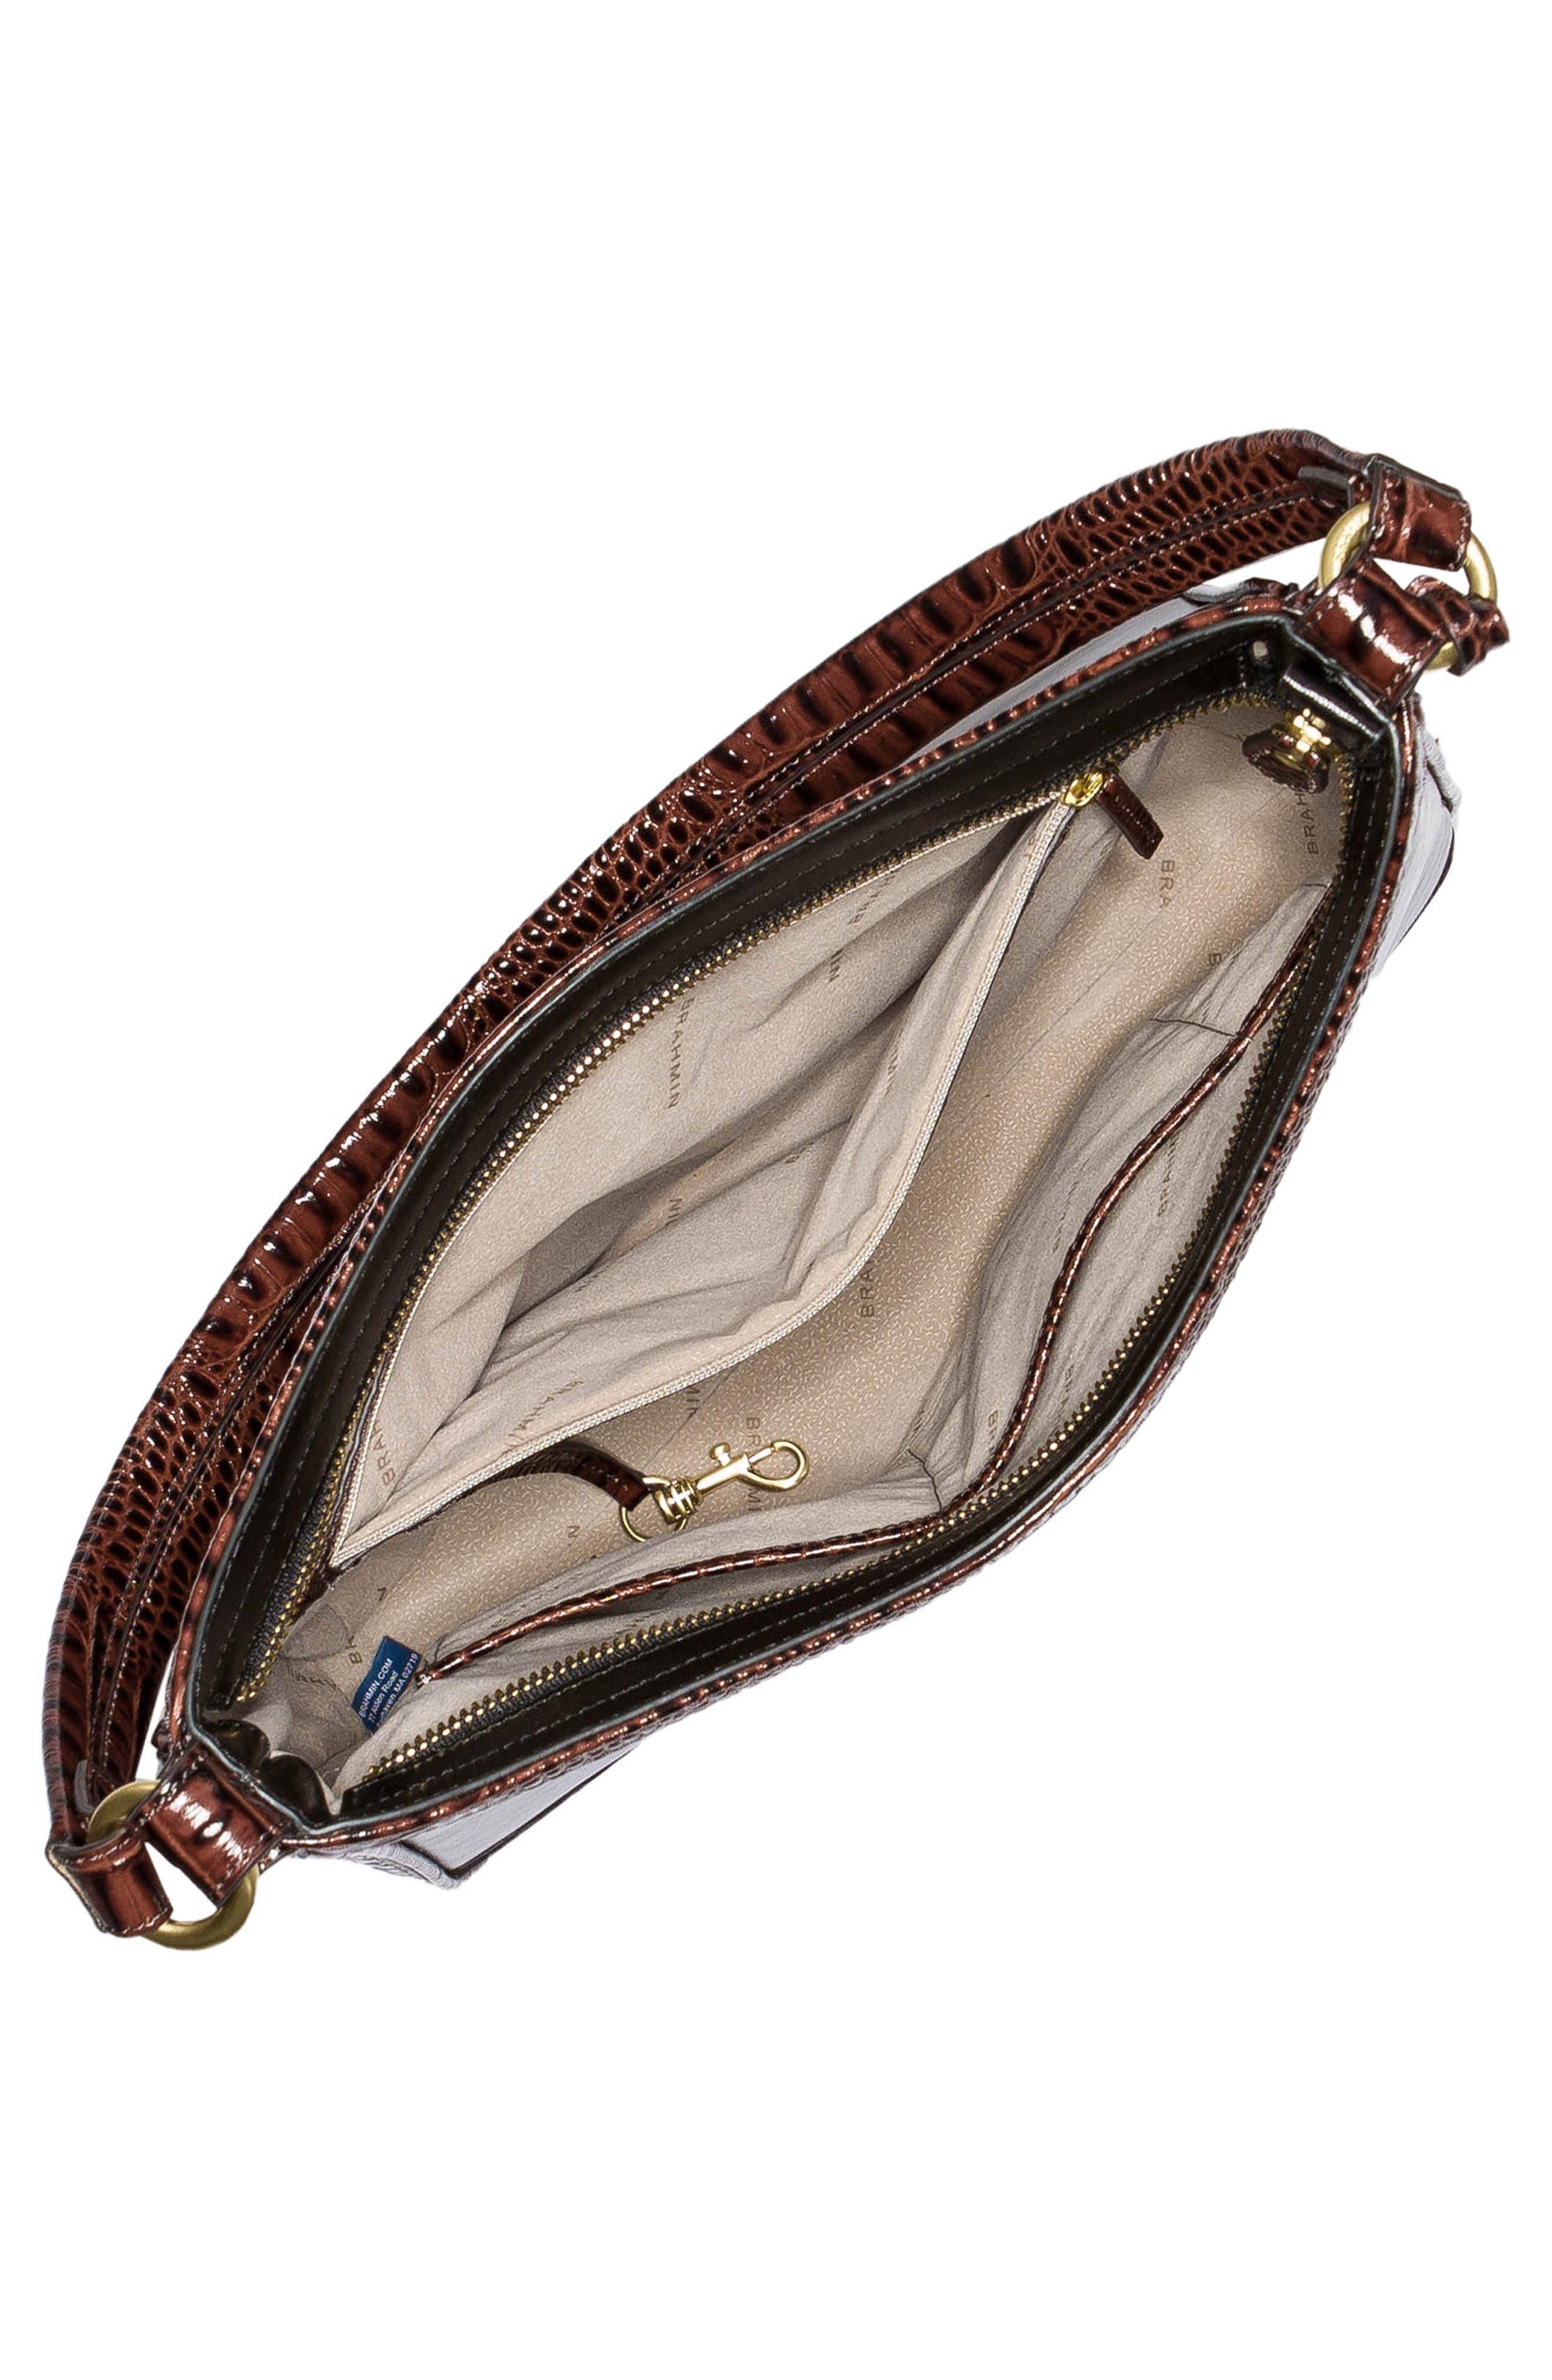 BRAHMIN, Noelle Leather Hobo Bag, Alternate thumbnail 4, color, 001